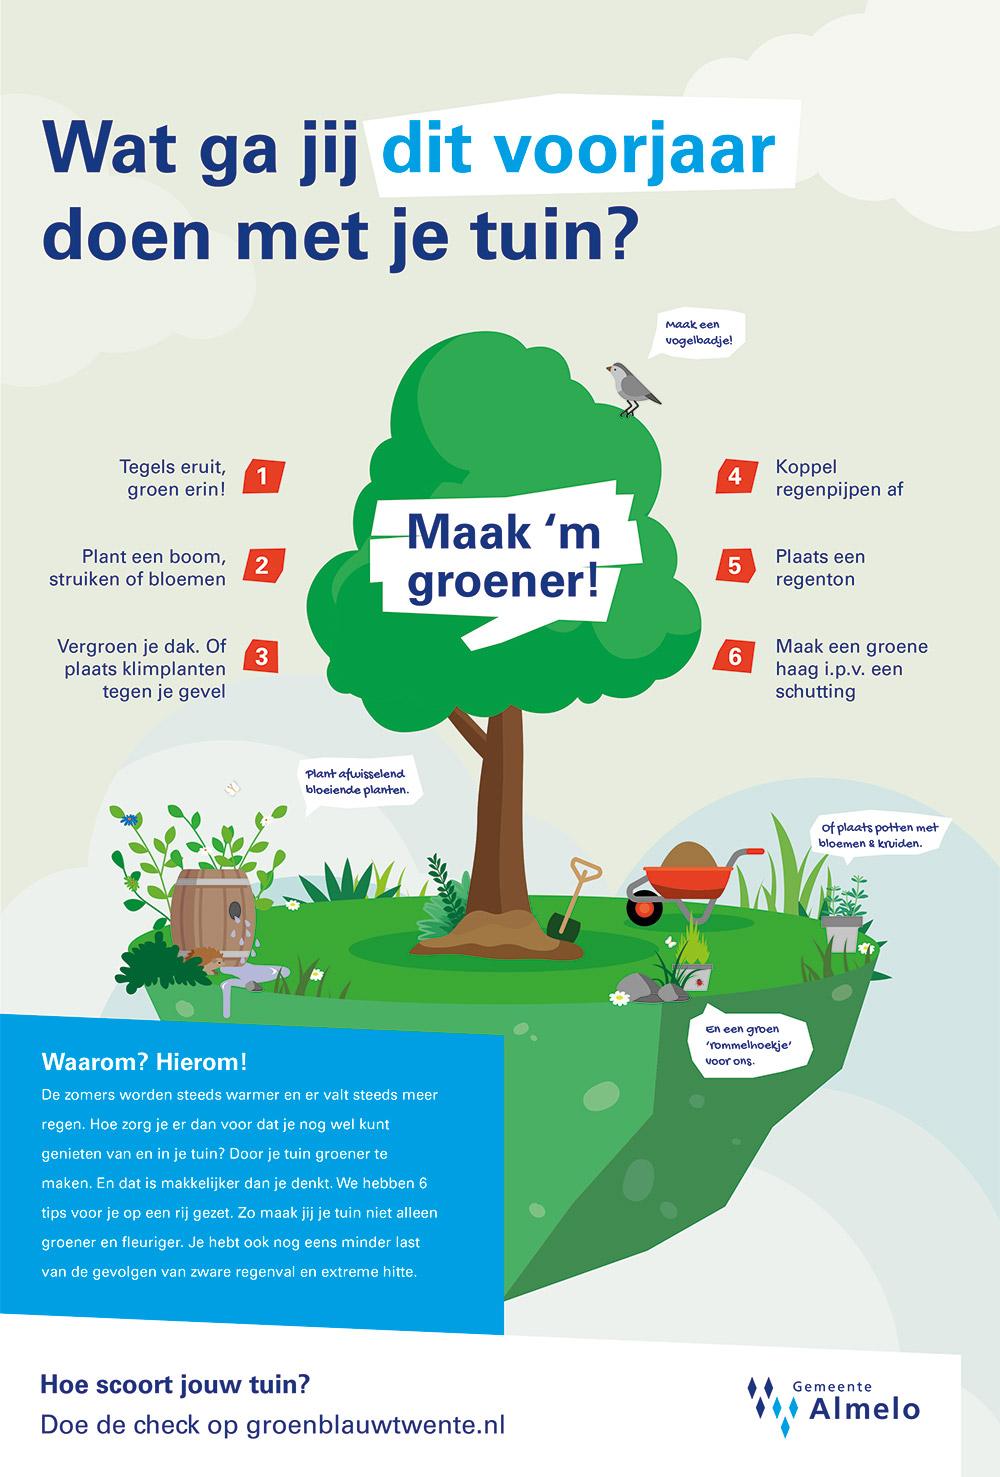 Wat ga jij dit voorjaar doen met je tuin?